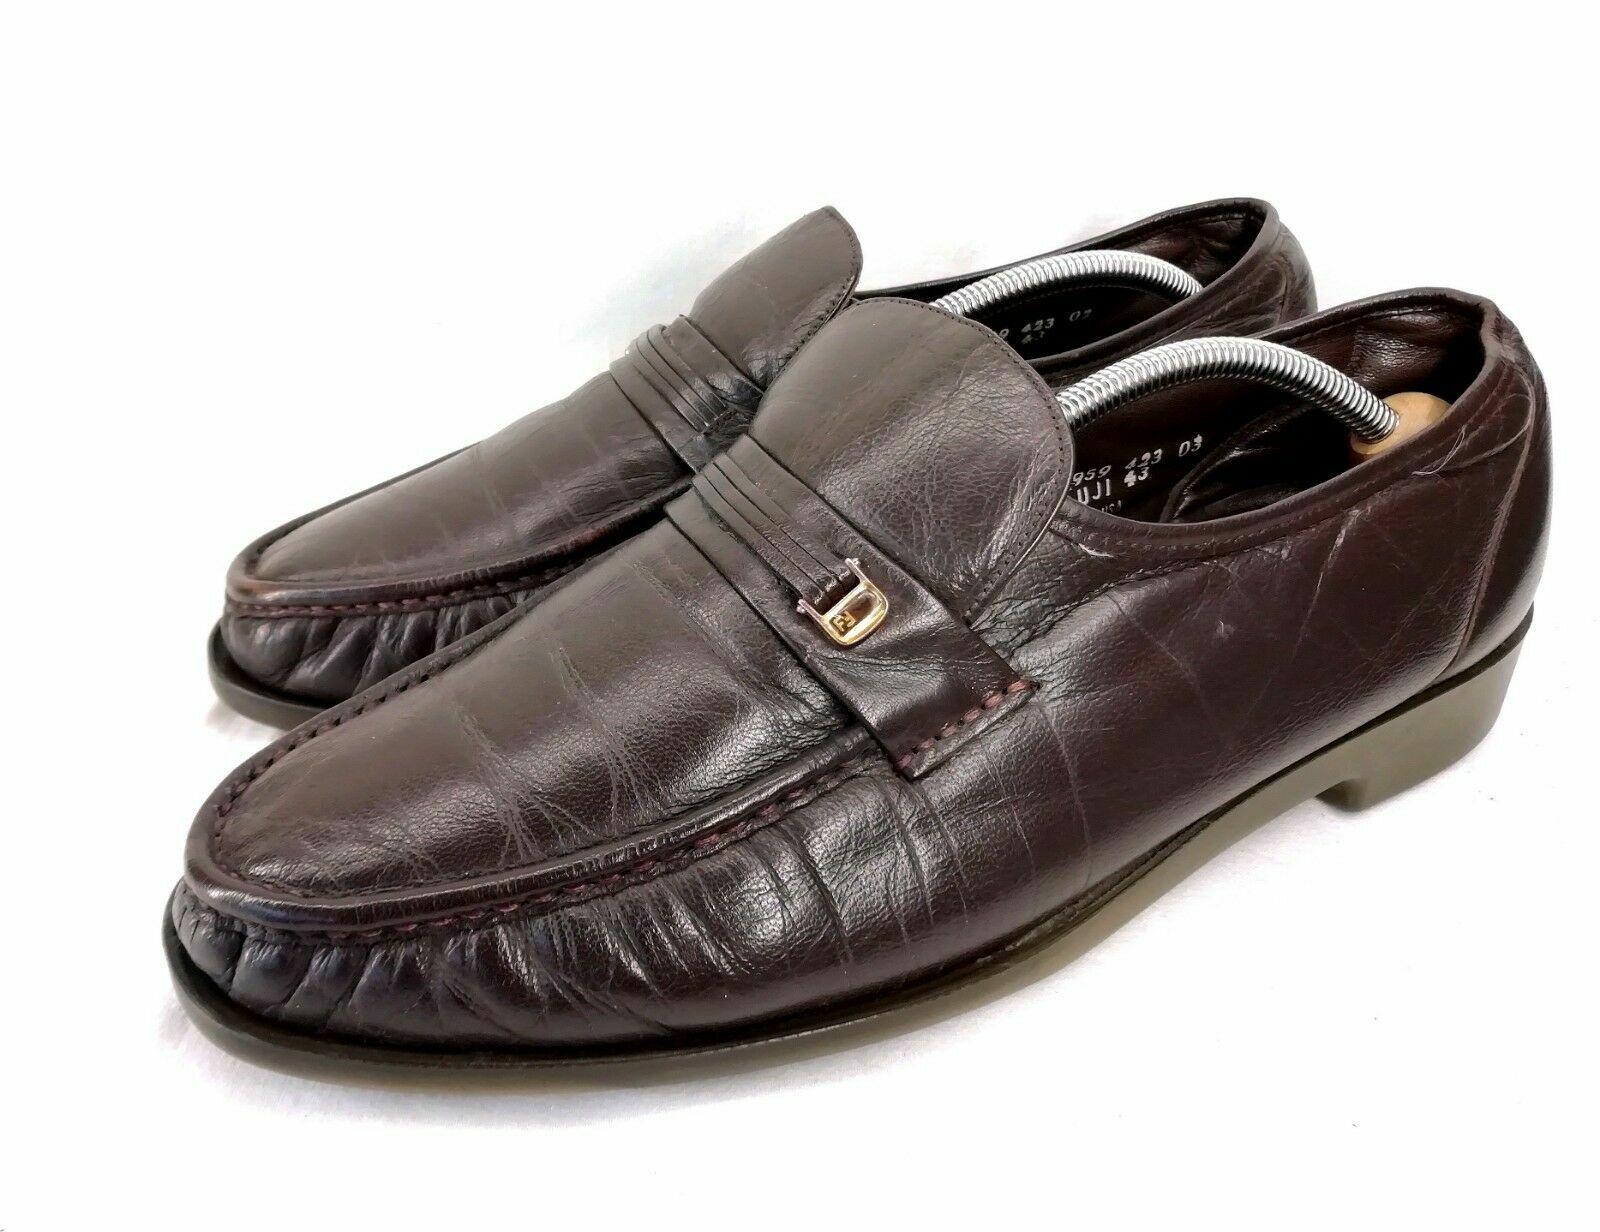 FLORSHEIM Comfortech Penny Loafer Business Mokassin Herren Braun Braun Braun NAPPA Leder 45  Bestellen Sie jetzt mit großem Rabatt und kostenlosem Versand